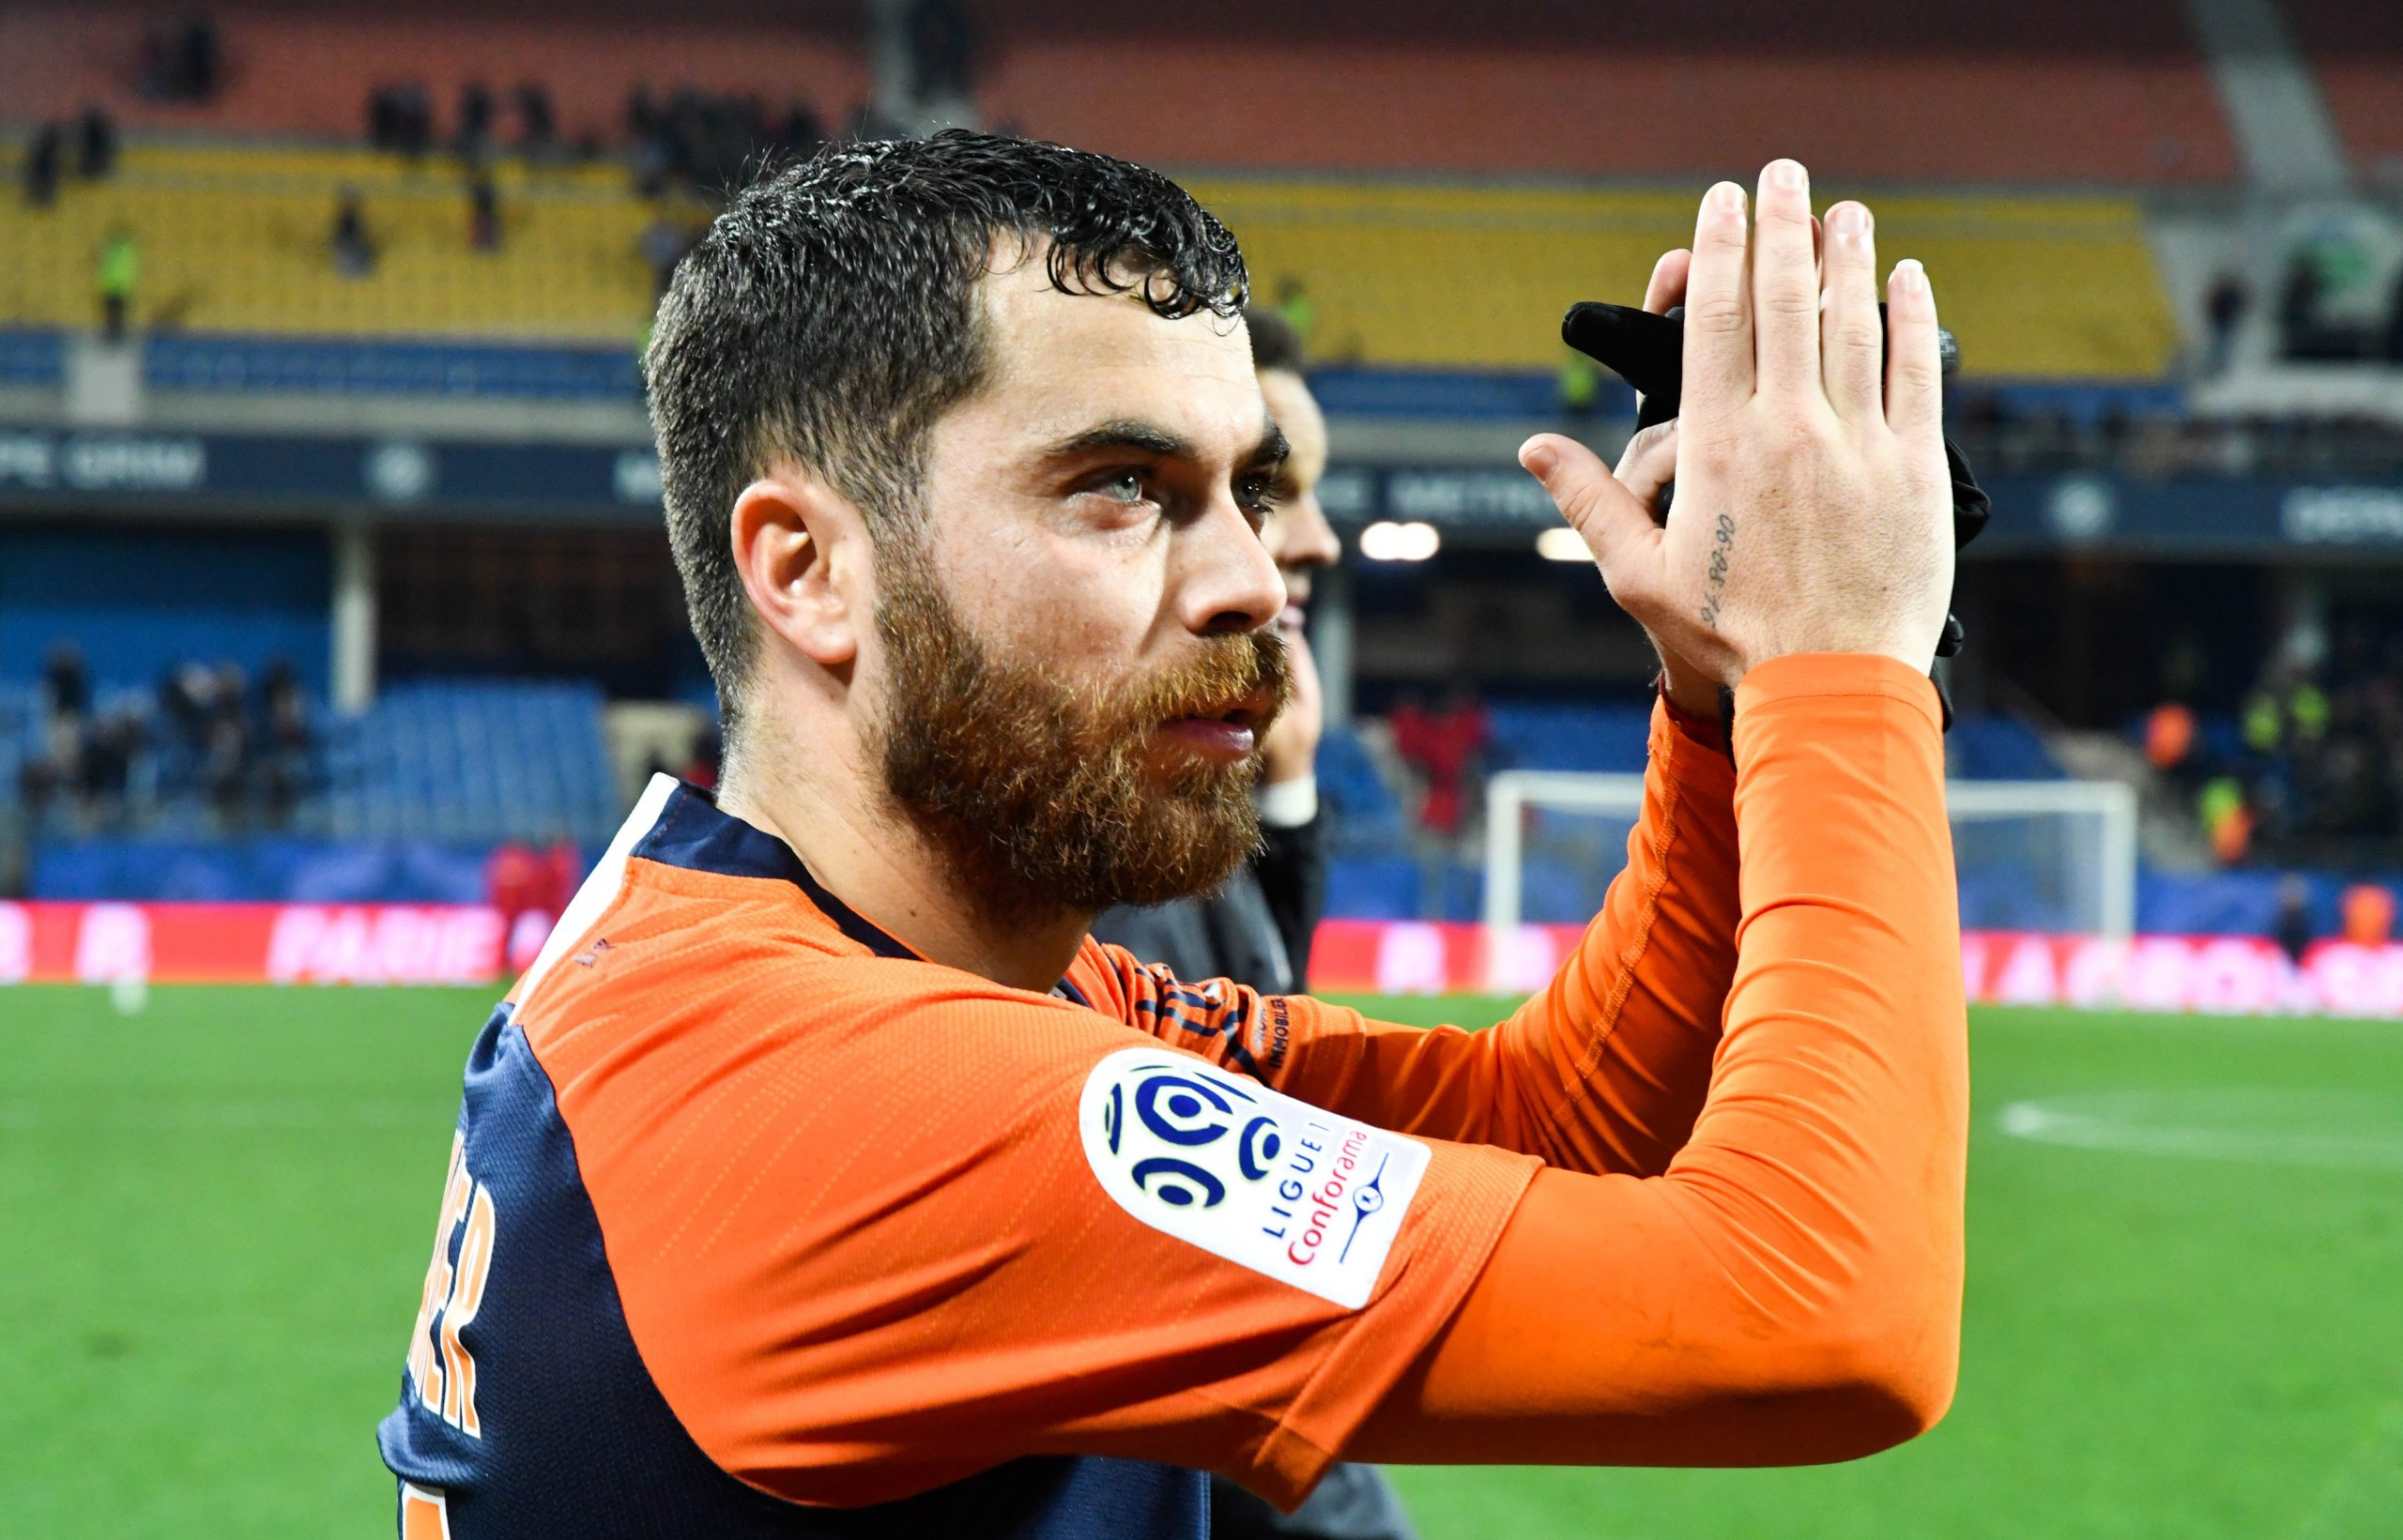 PSG/Montpellier - Savanier assure que Delort «n'a rien contre Neymar», mais «un homme, ça dit les vérités face à face»